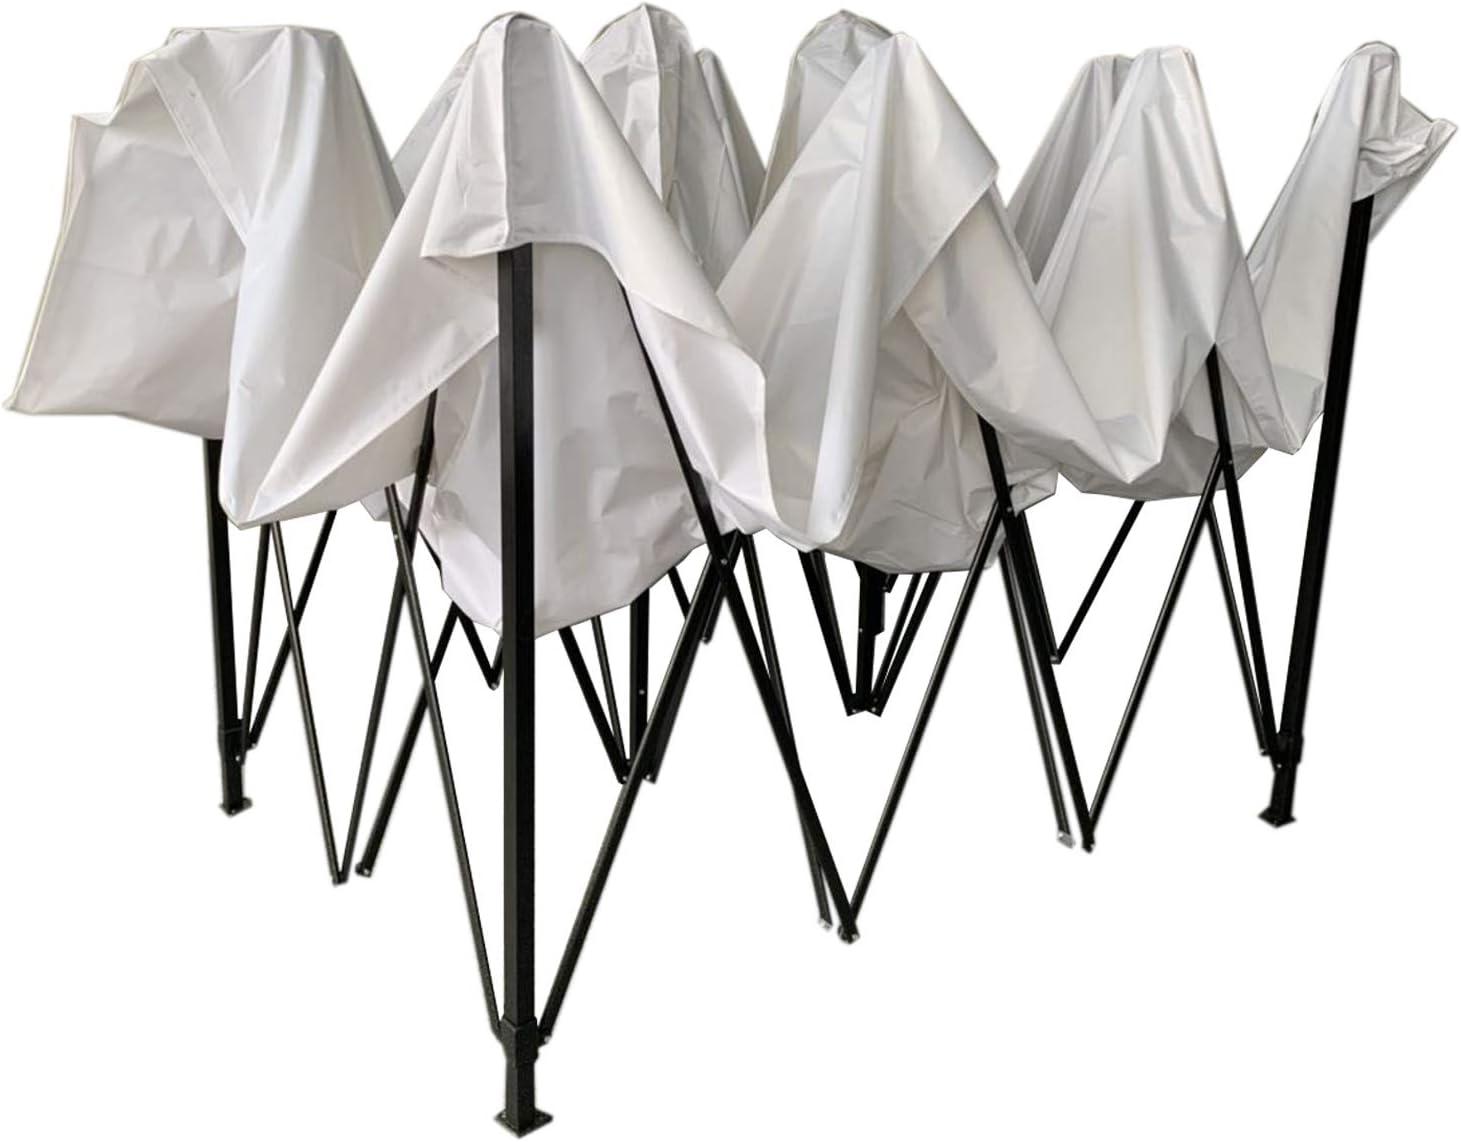 Rebecca Mobili Pabellón Cenador Plegable Blanco Metal Poliéster Bolsa de Transporte Camping Festival Terraza - 3,1x4,5x3 m (A x AN x FON) - Art. ...